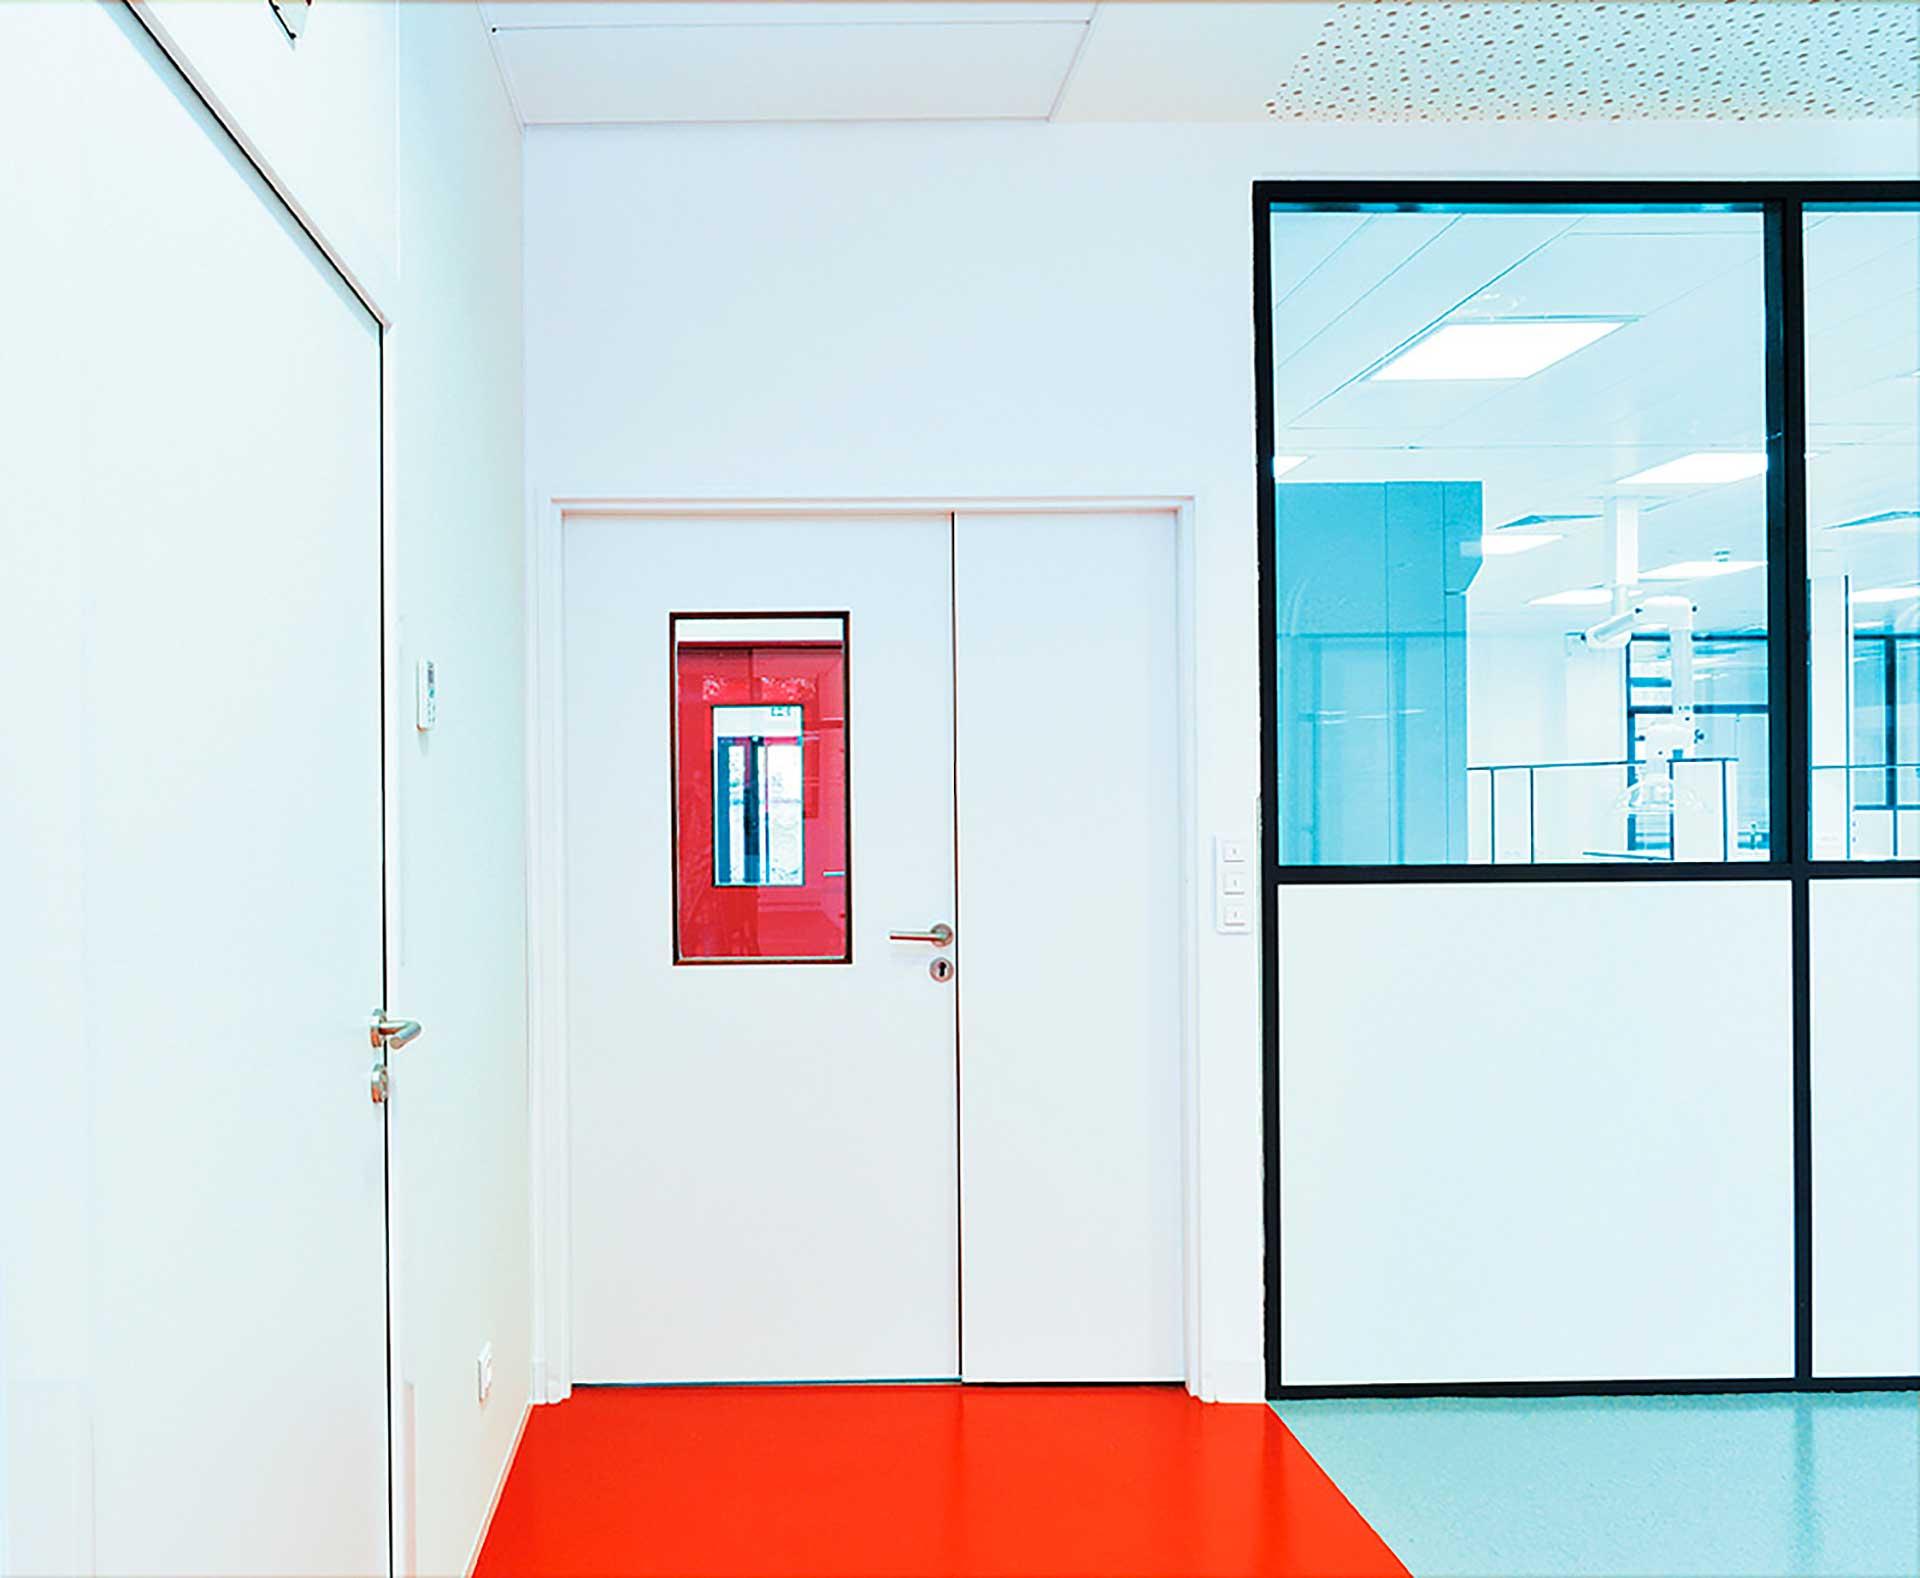 interpose - Cloisons amovibles blocs portes double hauteur standard pleine